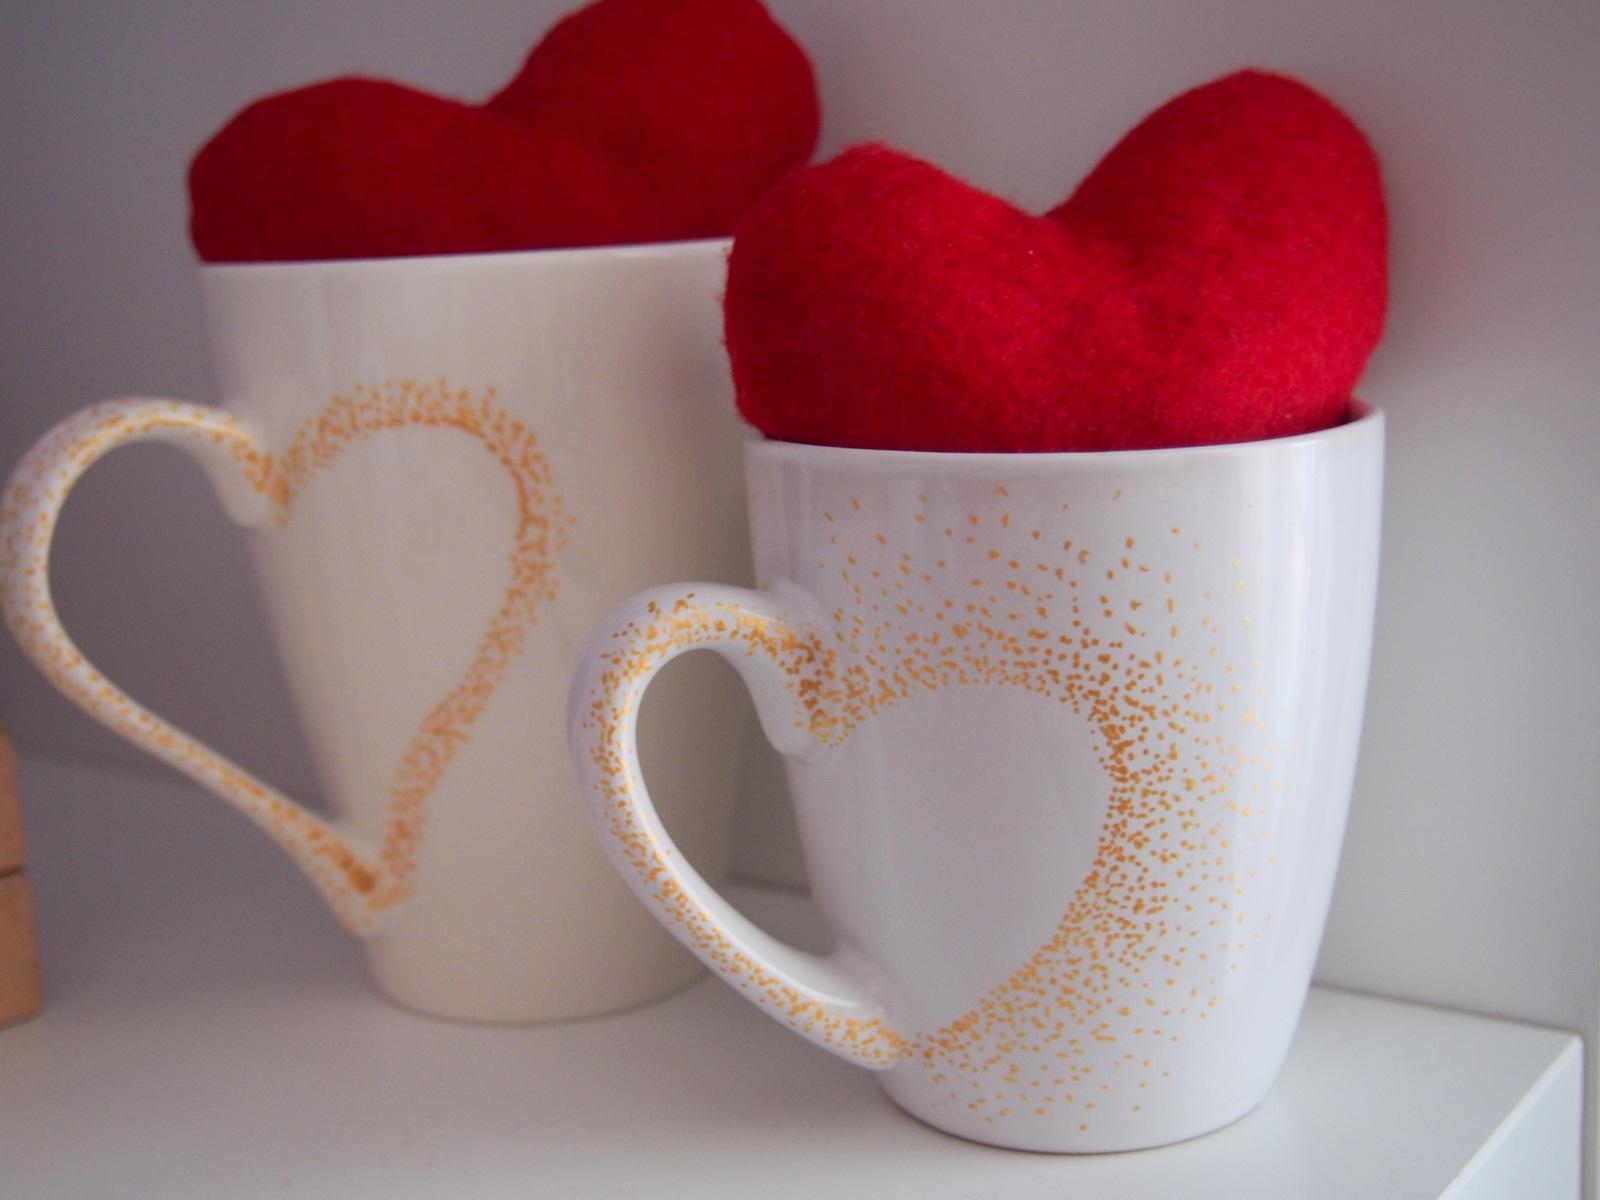 d1c455a1b 3) Vytvorte si doma alebo v kancelárii valentínsku atmosféru (kľudne aj  týždeň vopred). Prišite k srdiečkam saténové stužky a zaveste na držiaky  skriniek ...